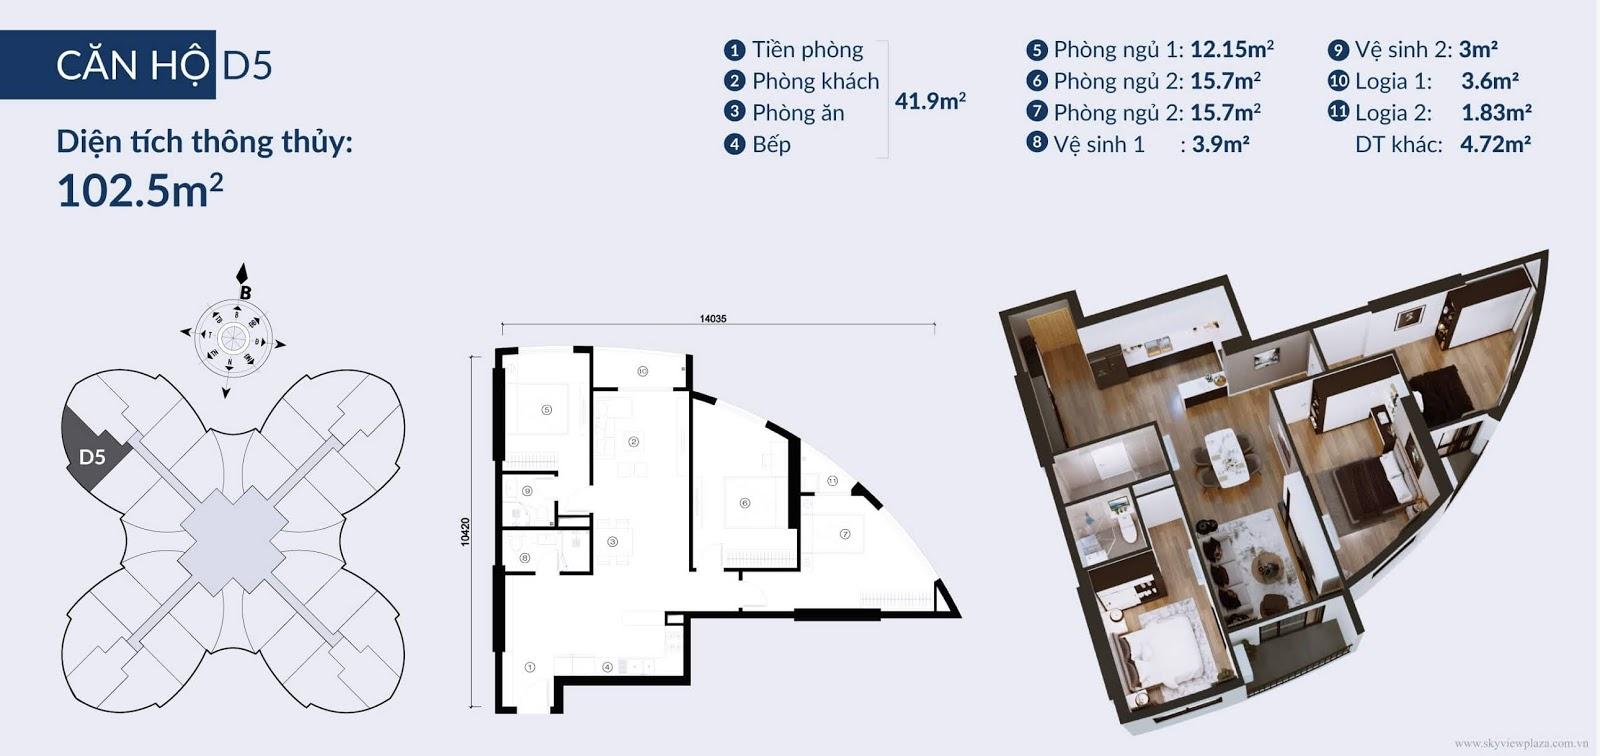 Chi tiết căn hộ D5 toà chung cư Sky View Plaza